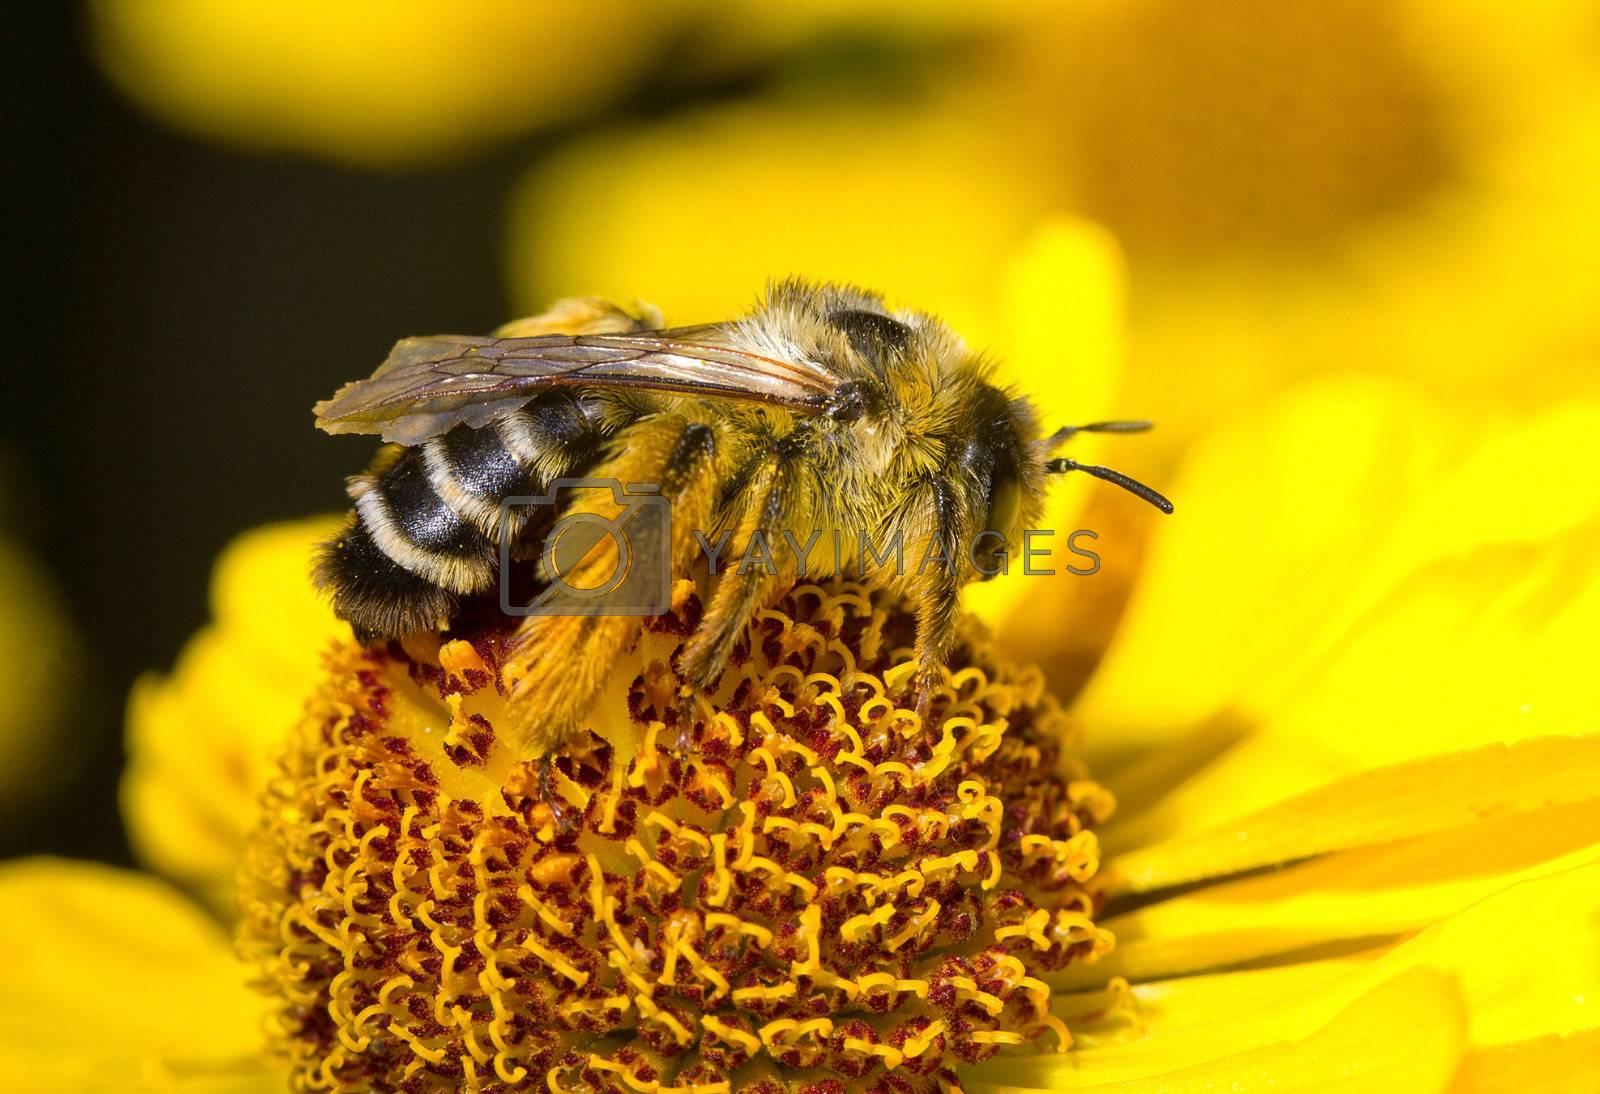 bumblebee on flower, macro shot